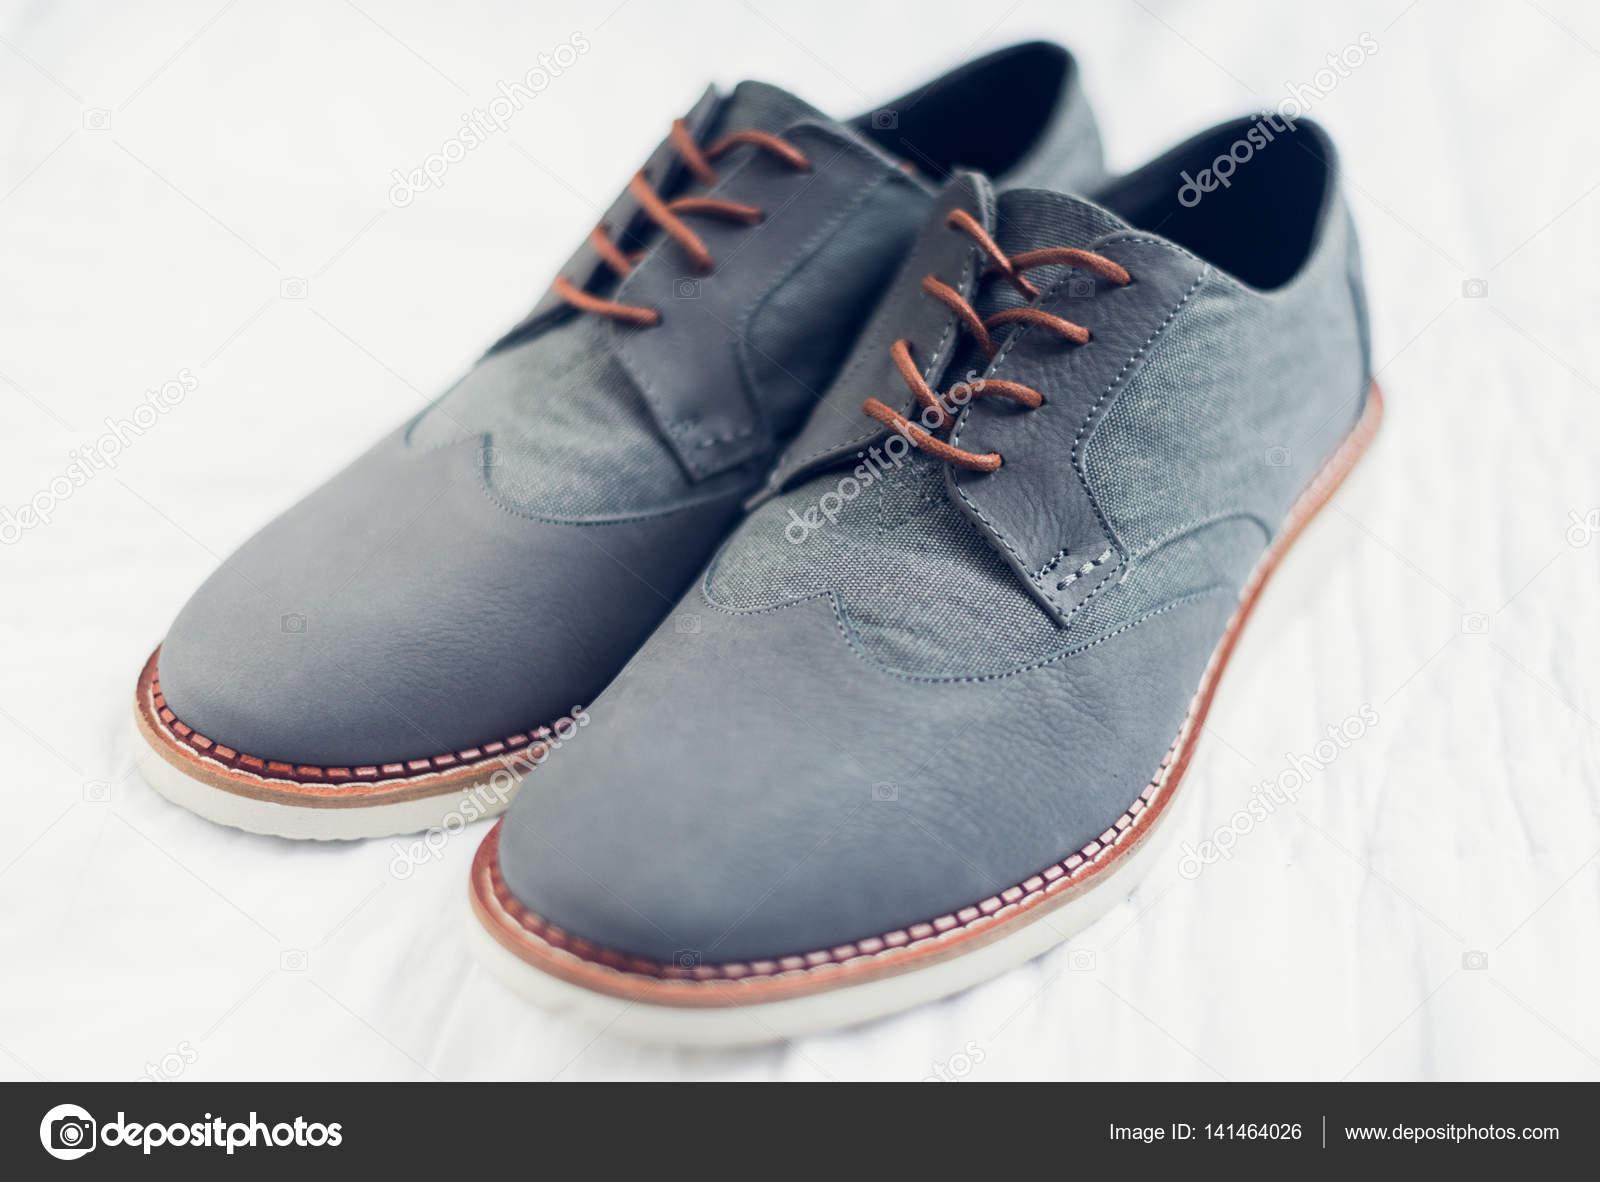 914d6d0ea20a9 Une belle paire de chaussures de mariage gris avec une finition orange dans  les lacets et la semelle. Toutes prises avec une créative faible profondeur  de ...